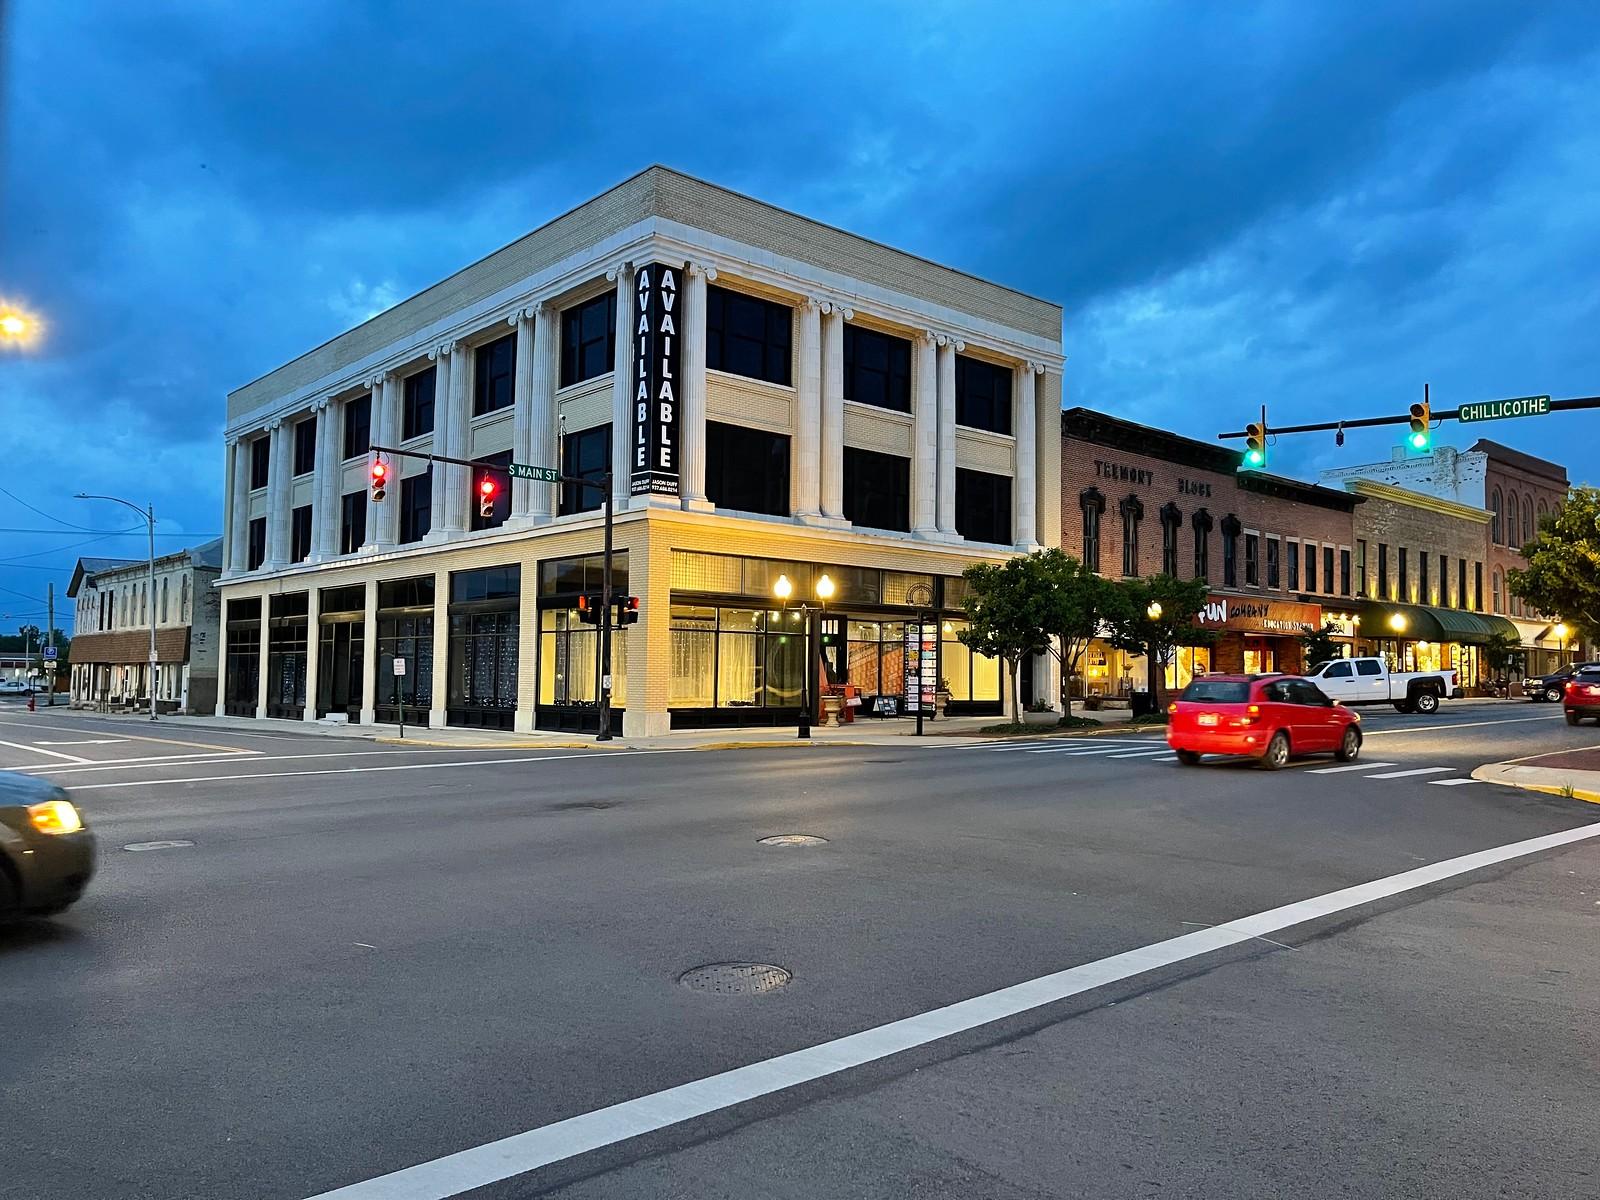 Full Color Streetscene from Bellefonte, OH